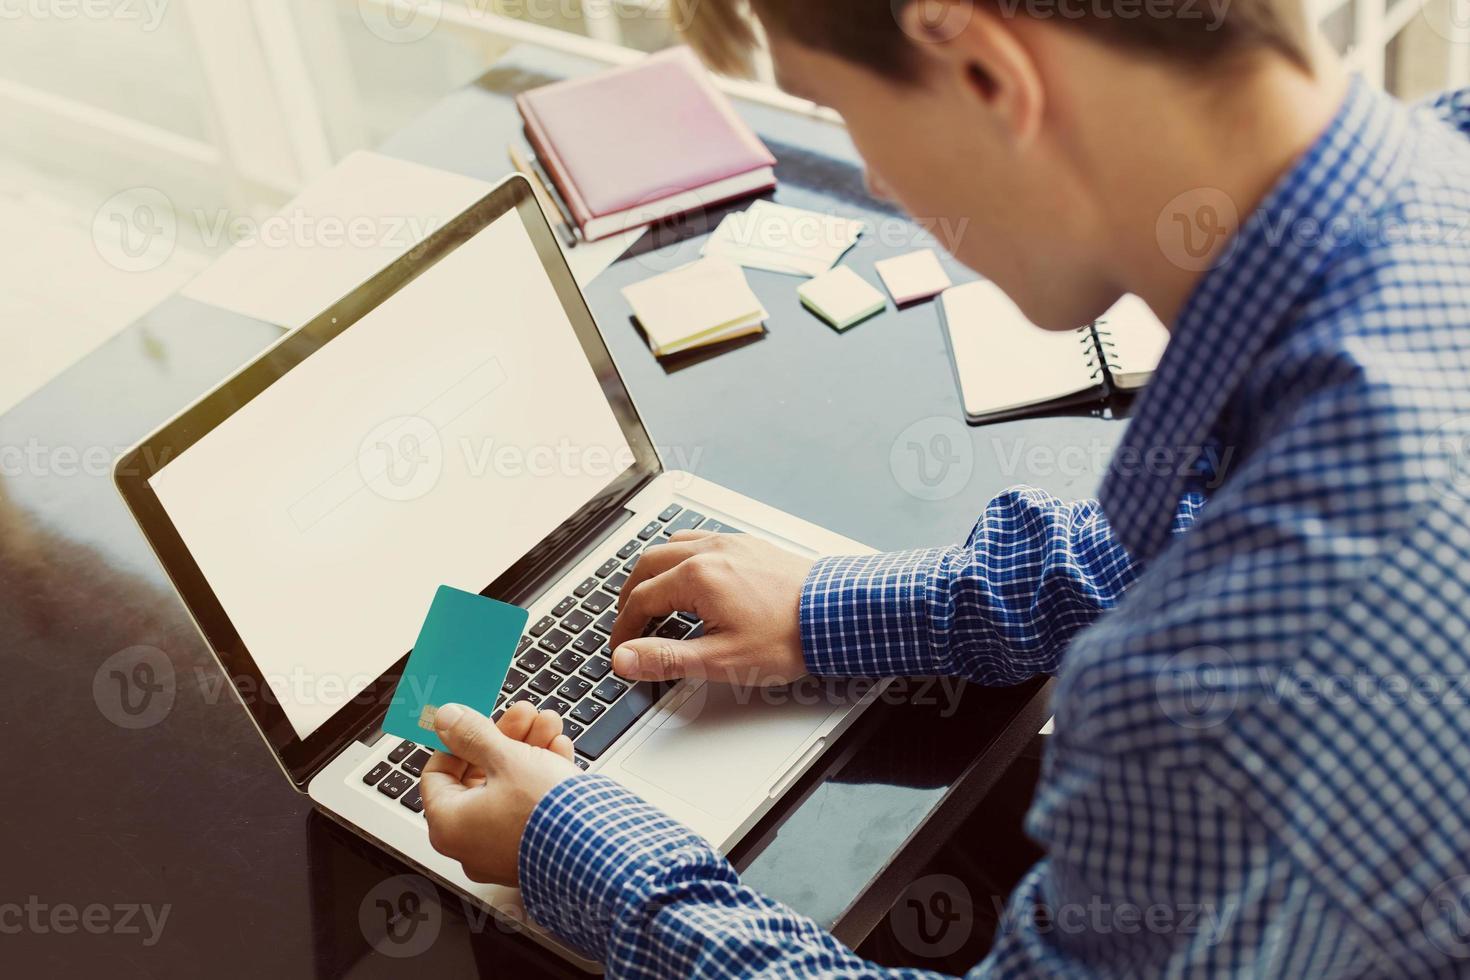 achats et paiement en ligne photo